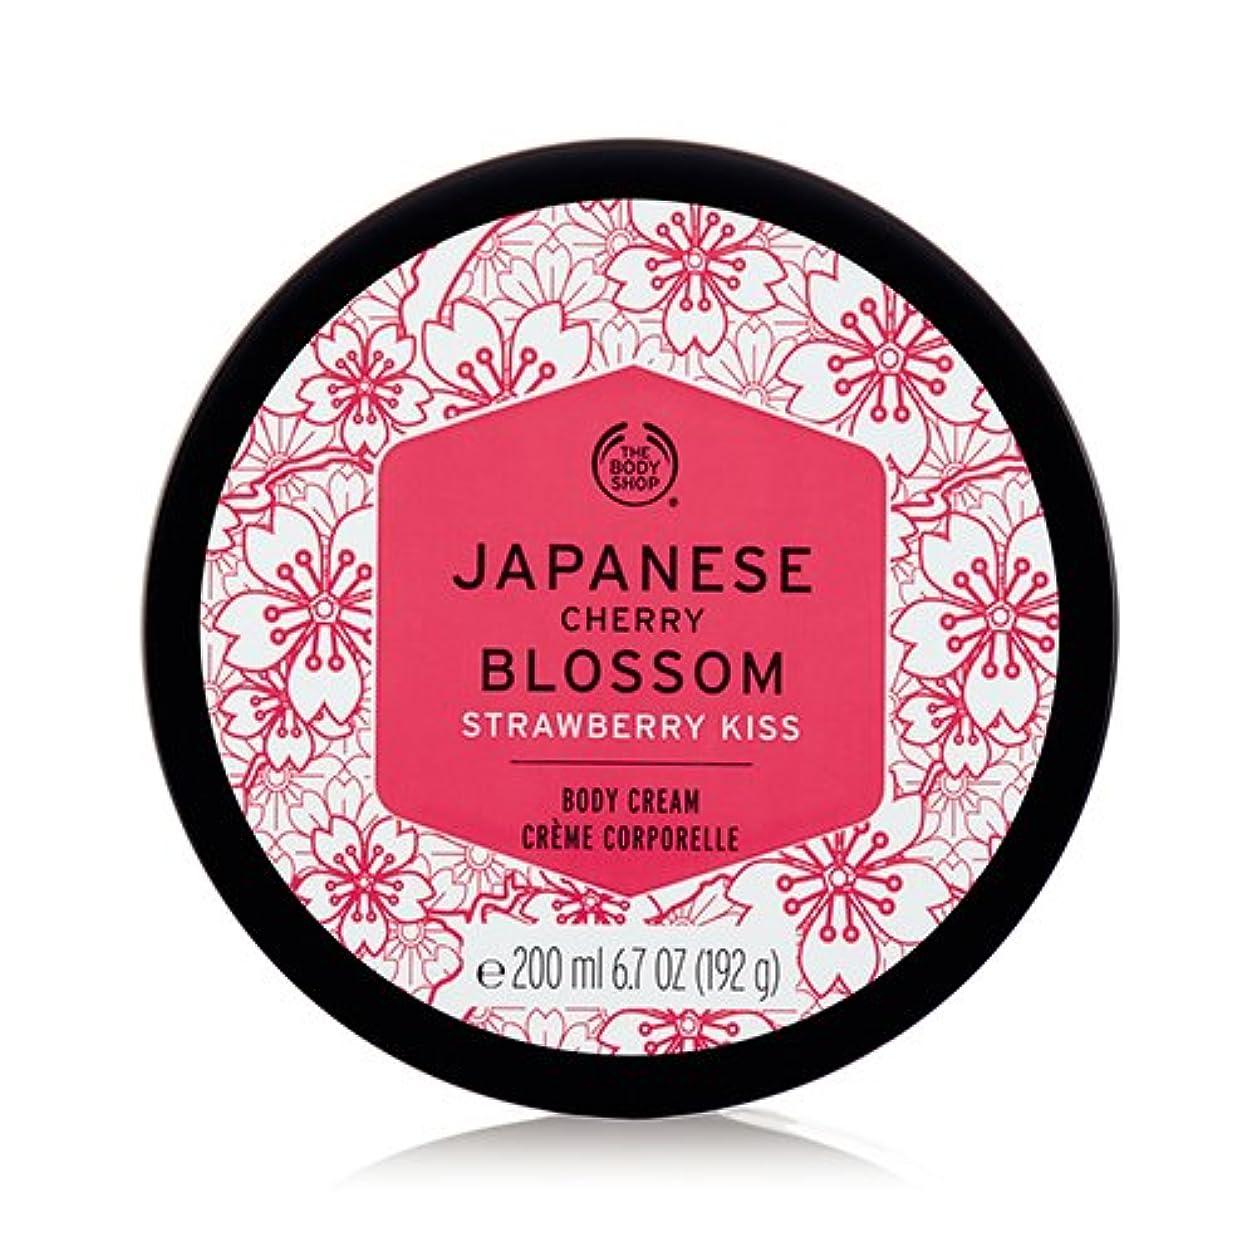 乗って貼り直すまどろみのあるザ?ボディショップ ジャパニーズチェリーブロッサム ストロベリーキス ボディクリーム 200ml THE BODY SHOP JAPANESE CHERRY BLOSSOM STRAWBERRY KISS BODY CREAM...